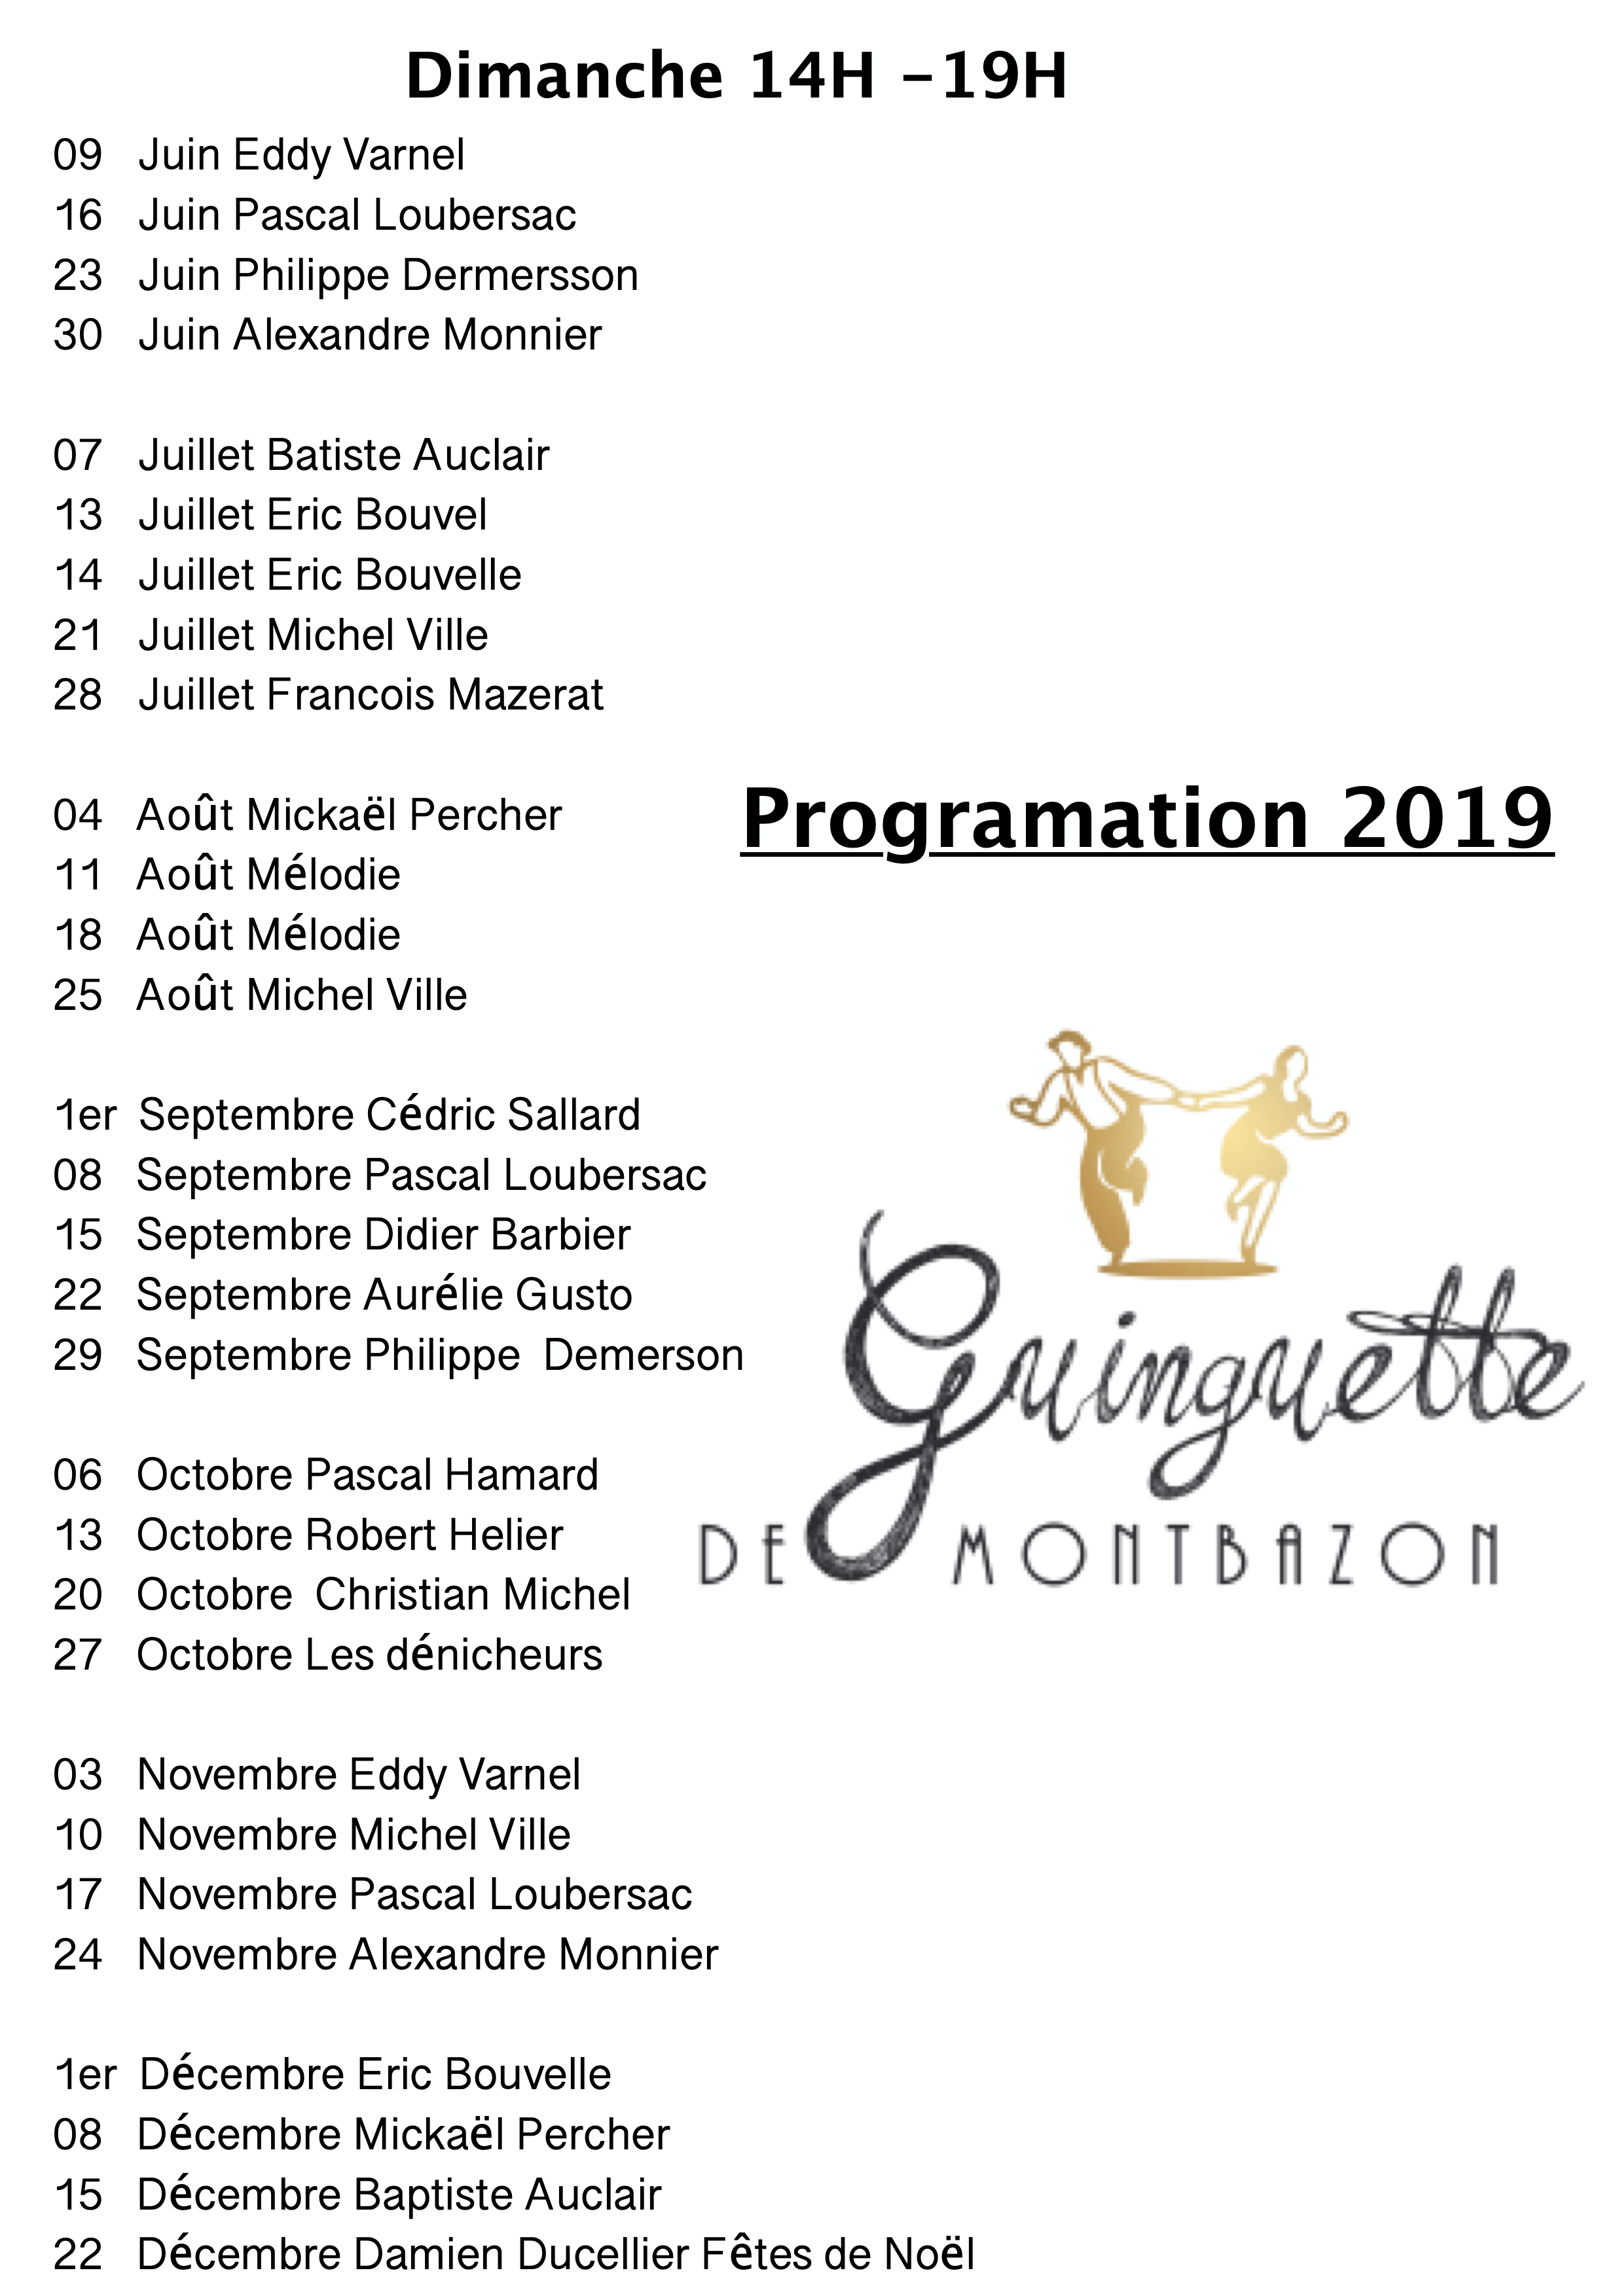 Orchestre Guinguette de Montbazon